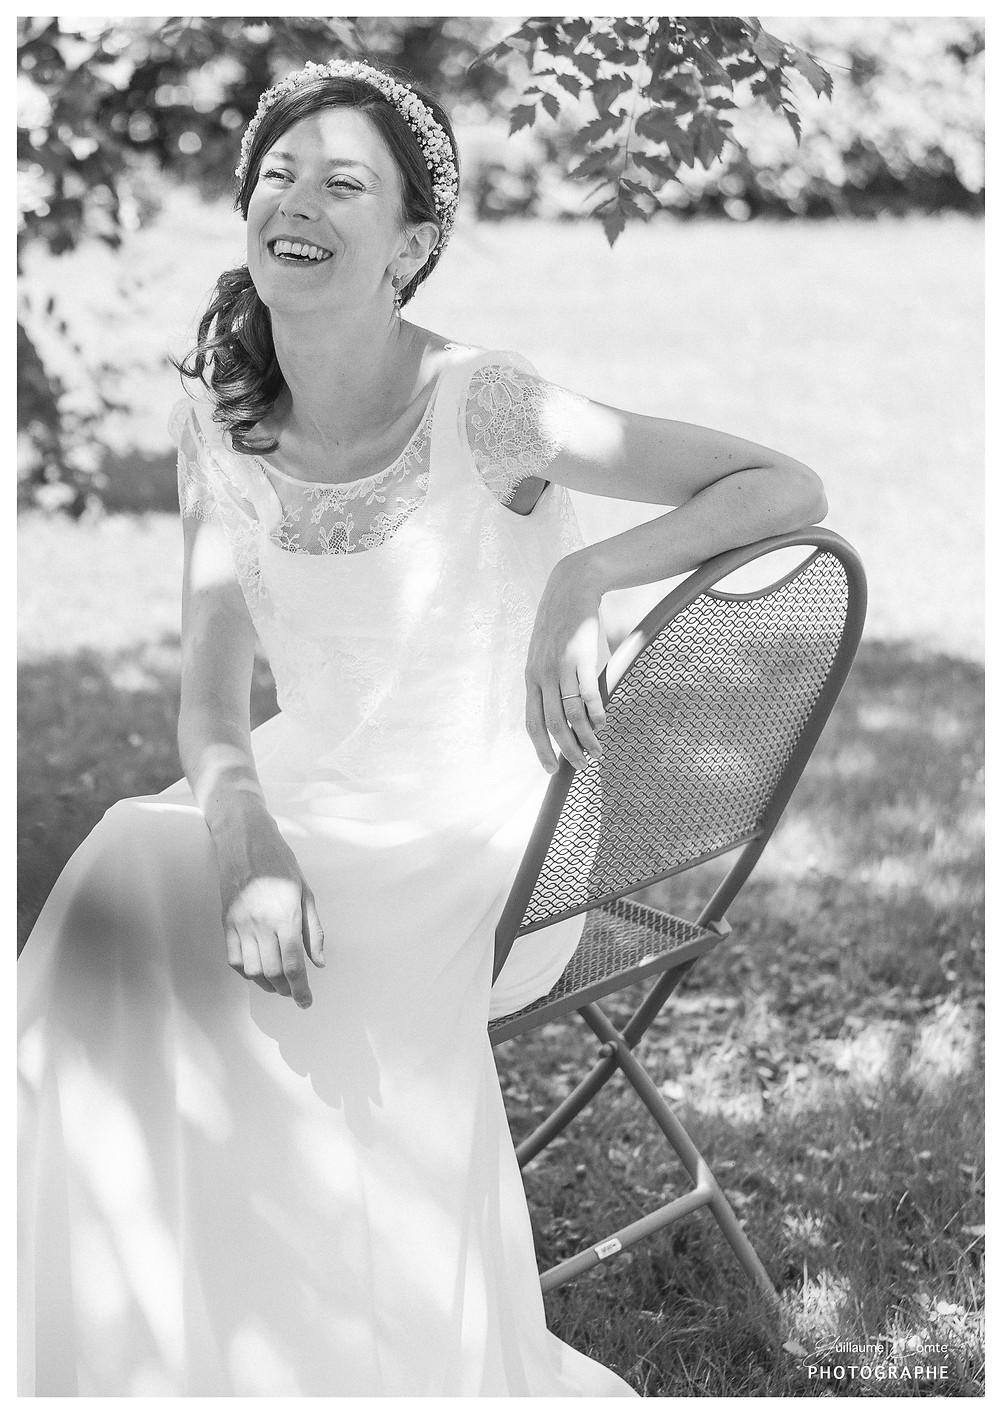 Photographe Mariage Wedding Limoges Limousin Guillaume Comte Le Poudrier